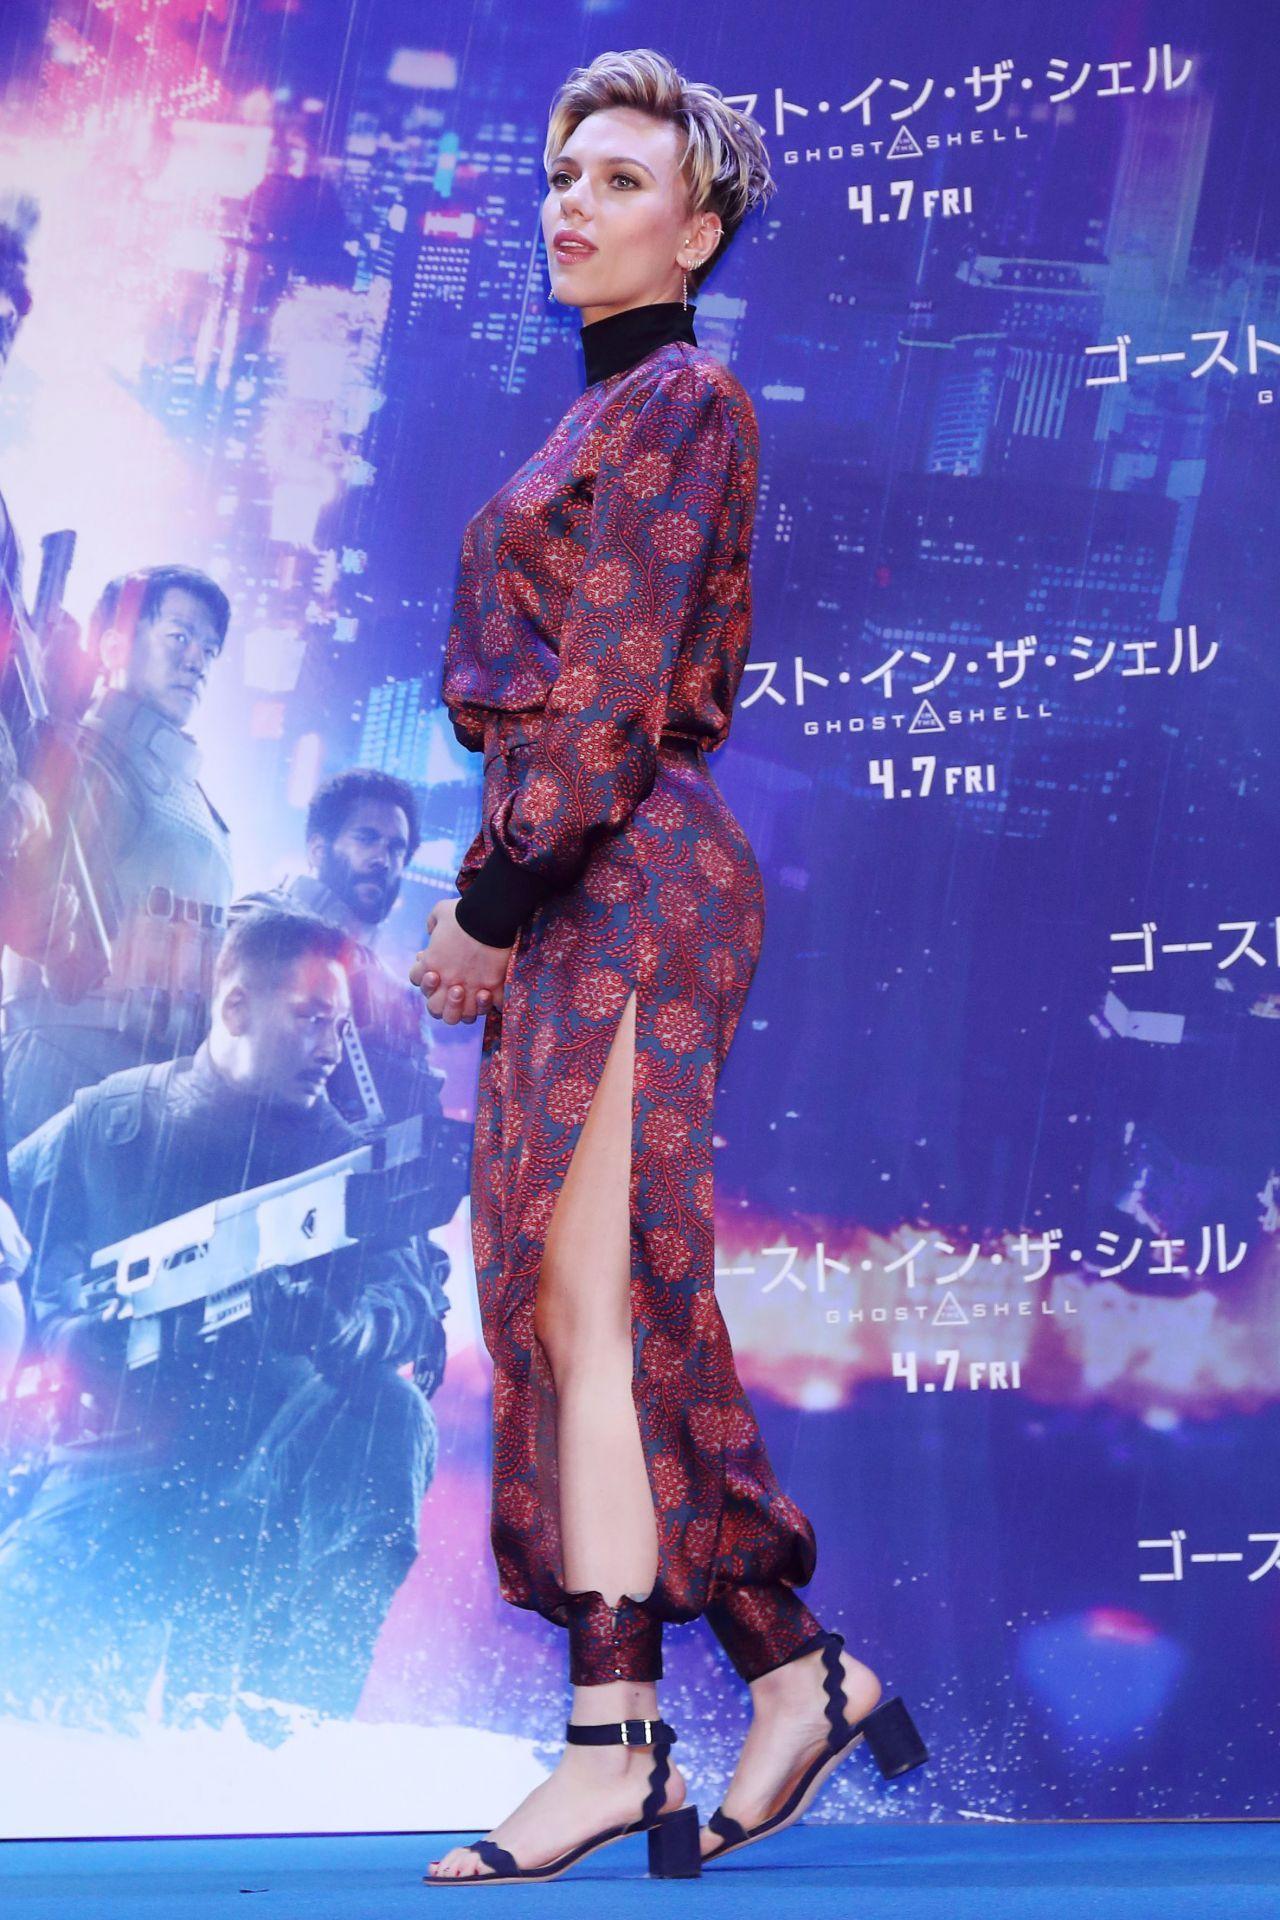 Scarlett Johansson Ghost In The Shell Premiere In Tokyo Japan 3 16 2017 Scarlett Johansson Ghost Scarlett Johansson Scarlett Johansson Hairstyle